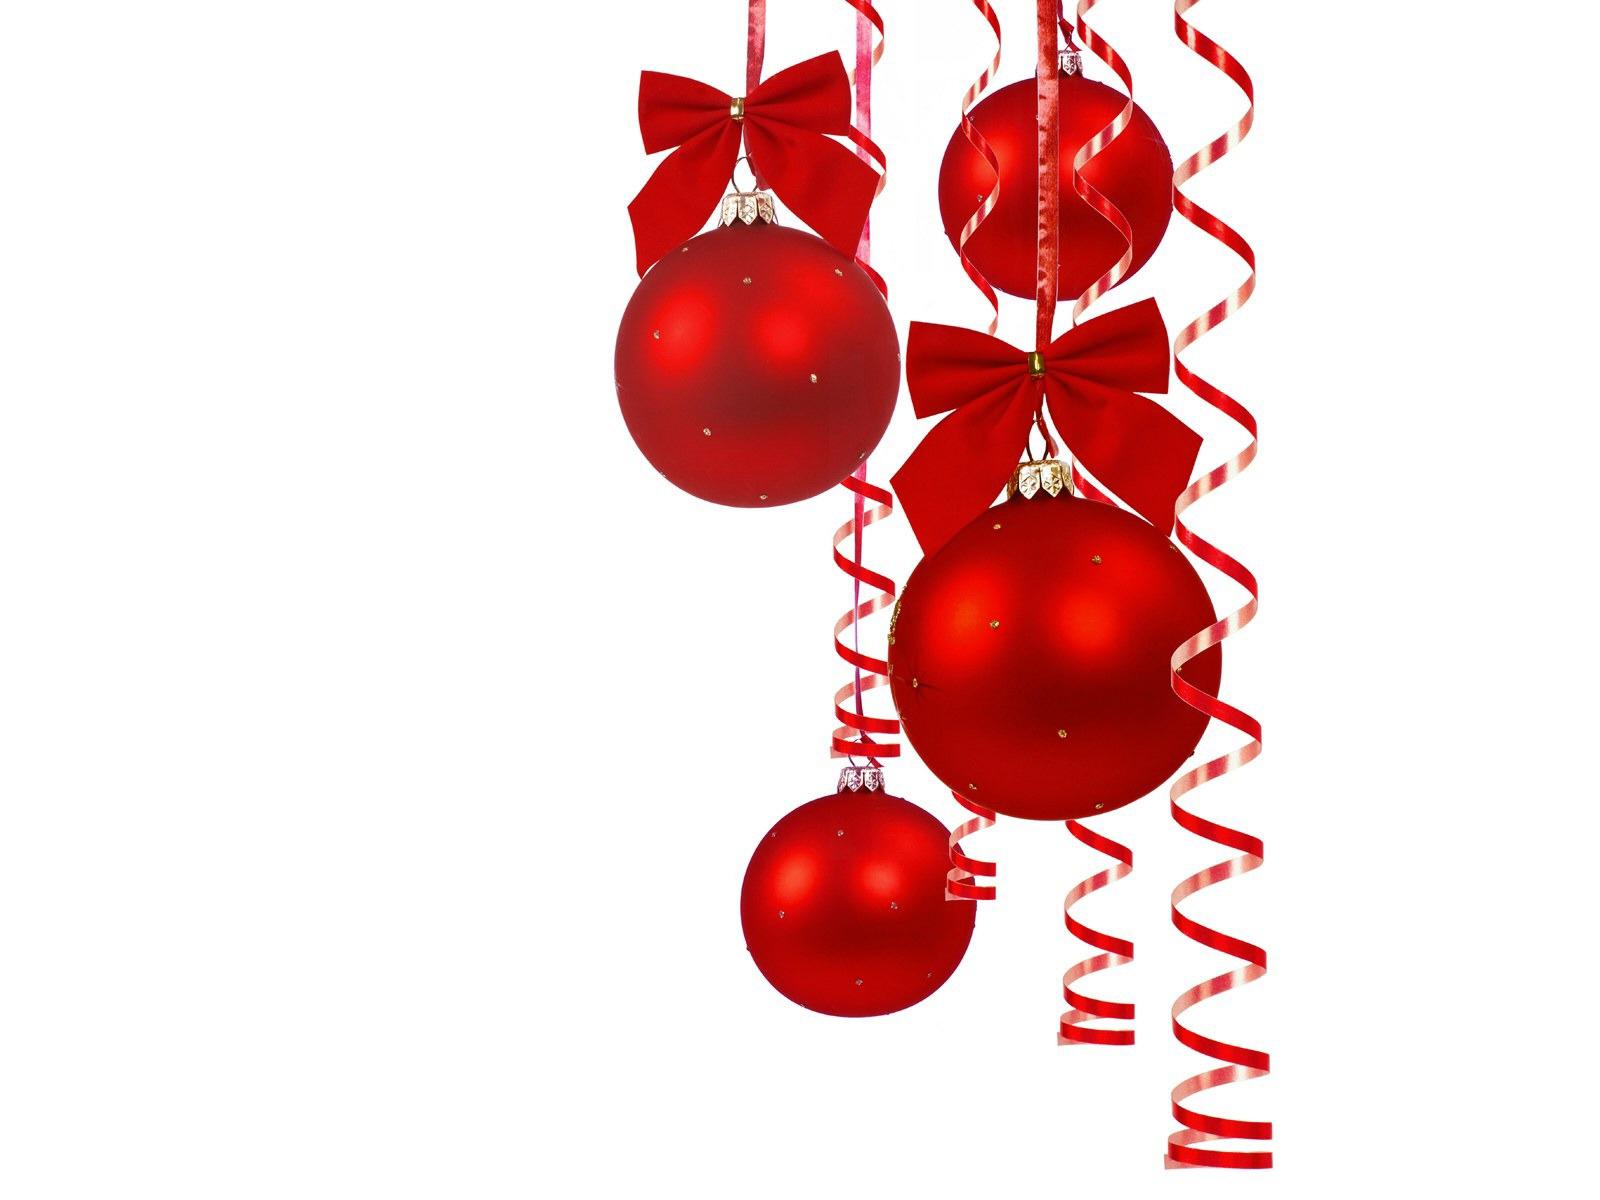 Новогодние украшения - C наступающим новым годом 2017 поздравительные картинки